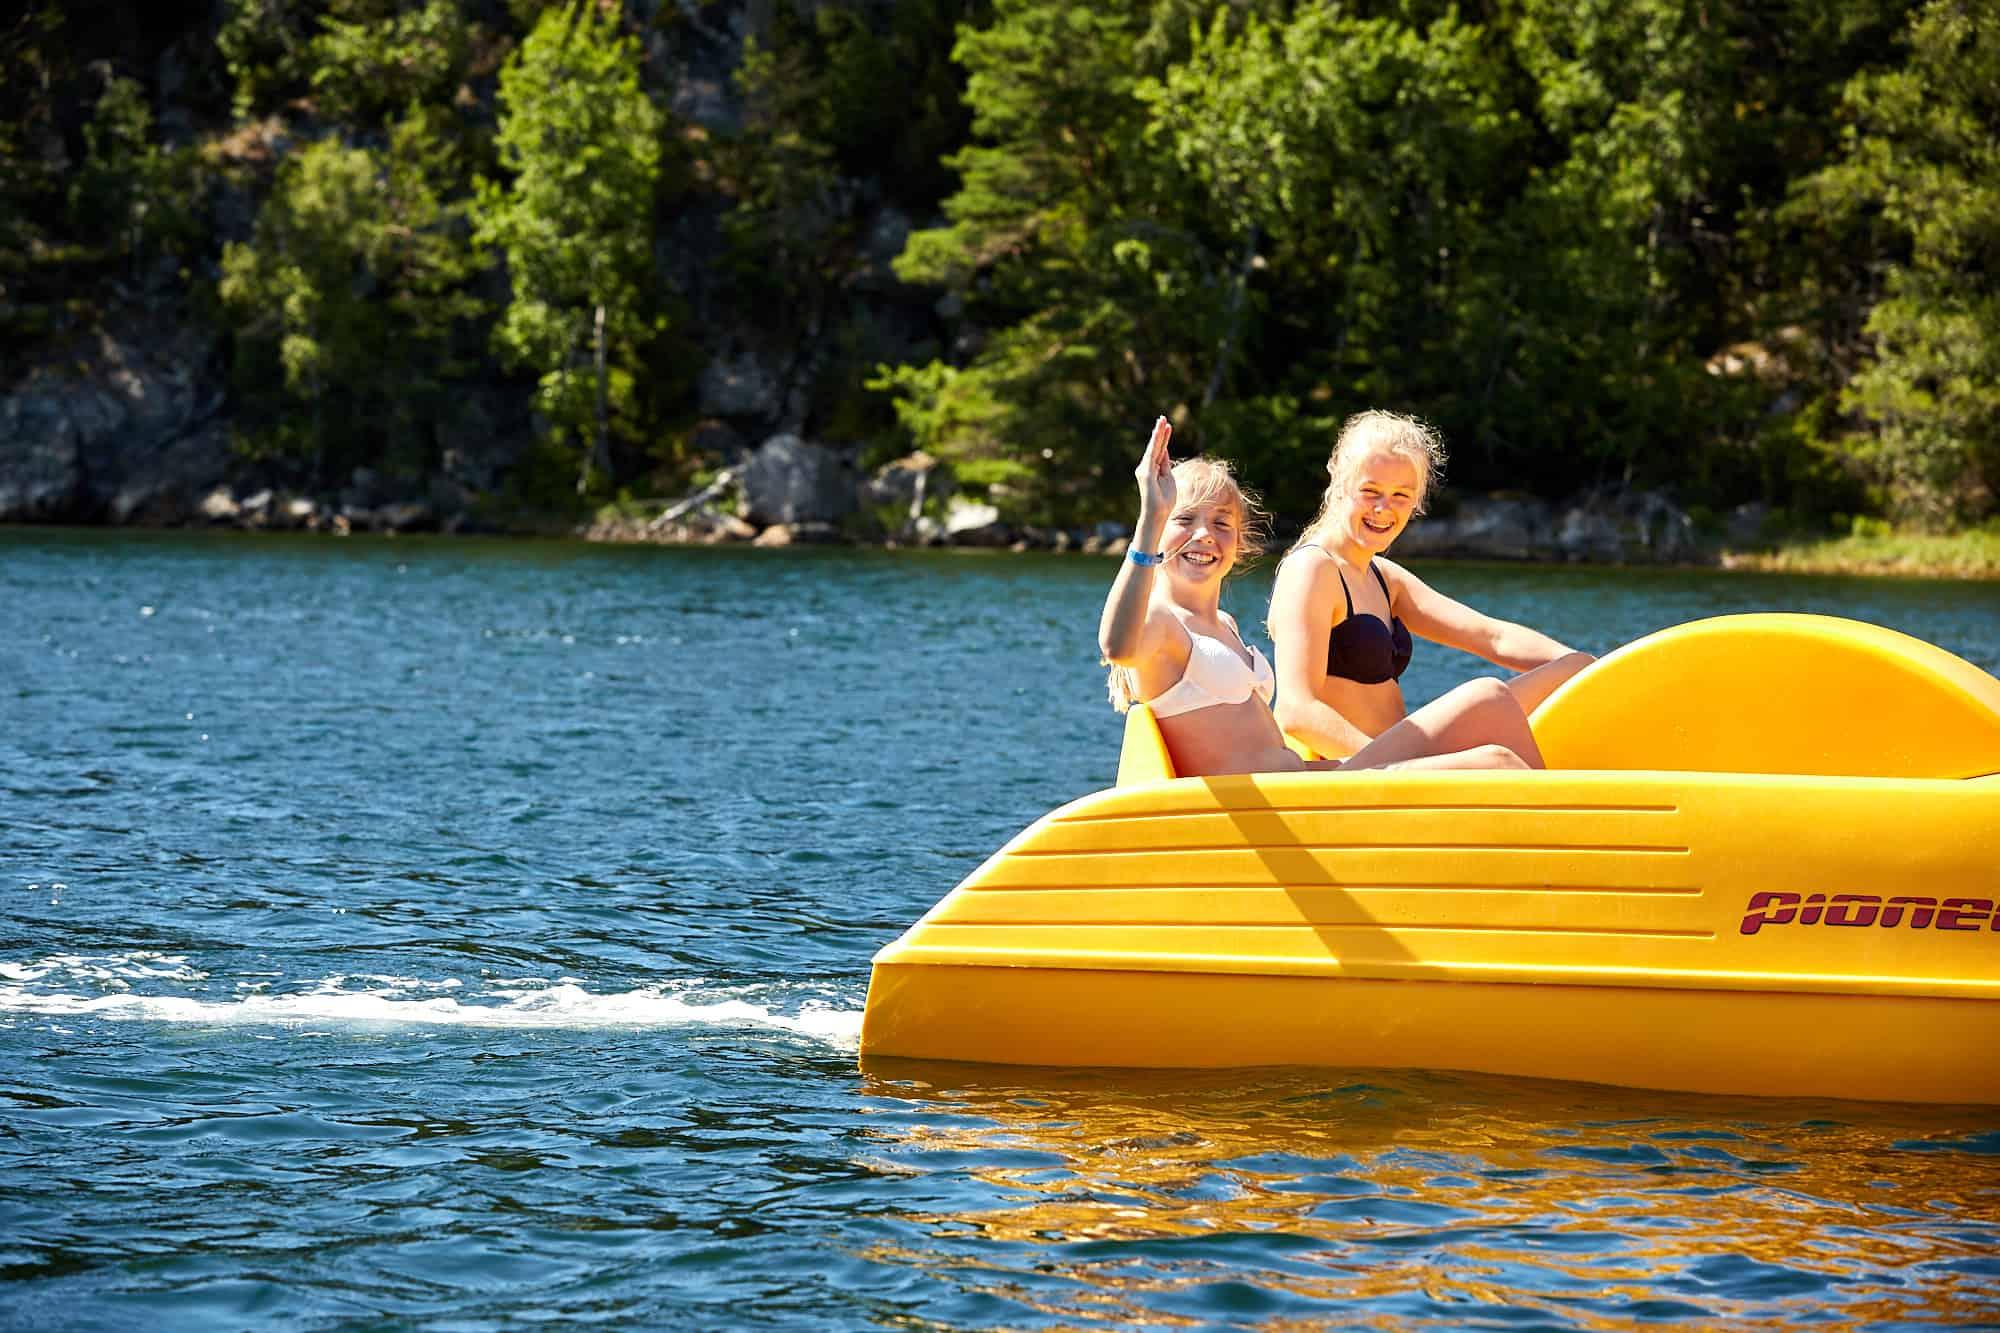 Två tjejer i en trampbåt en solig dag på västkusten, på Lagunen utanför Strömstad.